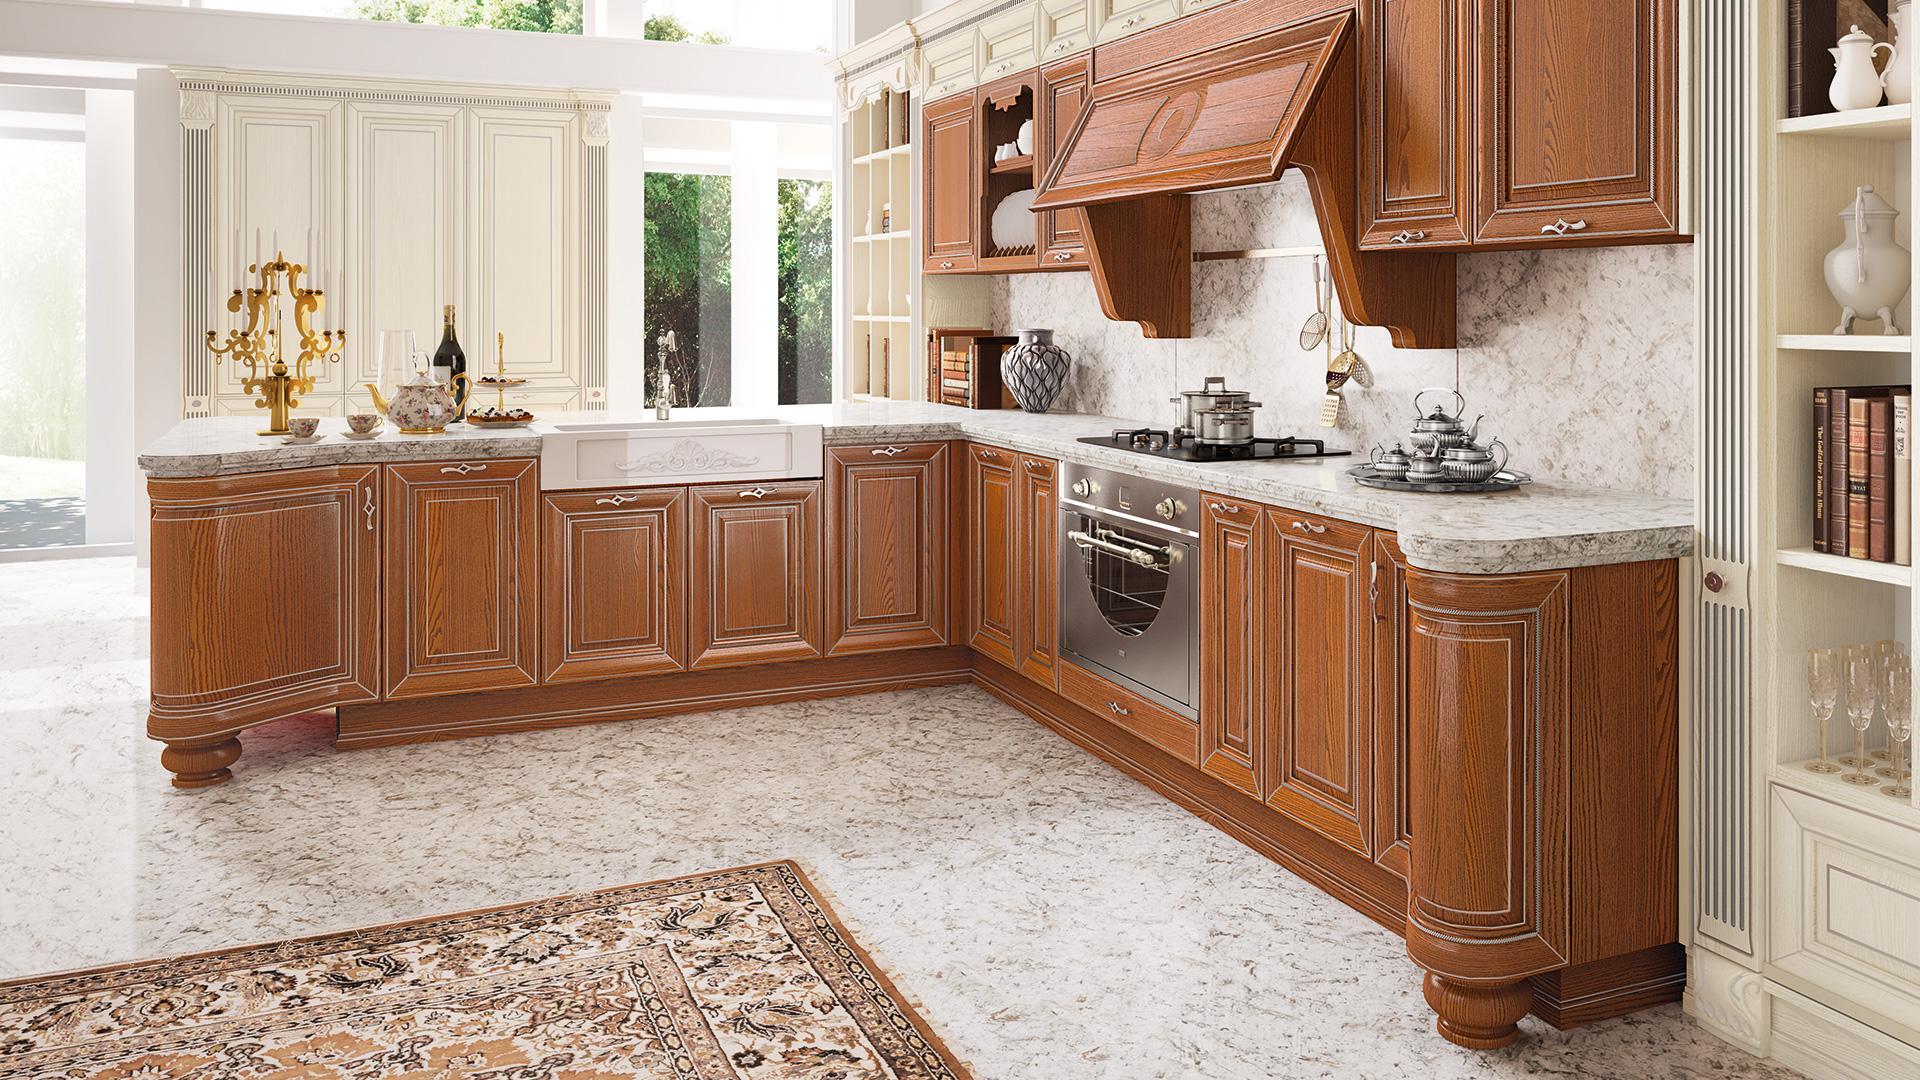 Cucina Rustica Come Arredarla: Cucina Classica Parma Come Arredare  #754428 1920 1080 Come Arredare Una Cucina Soggiorno Classica